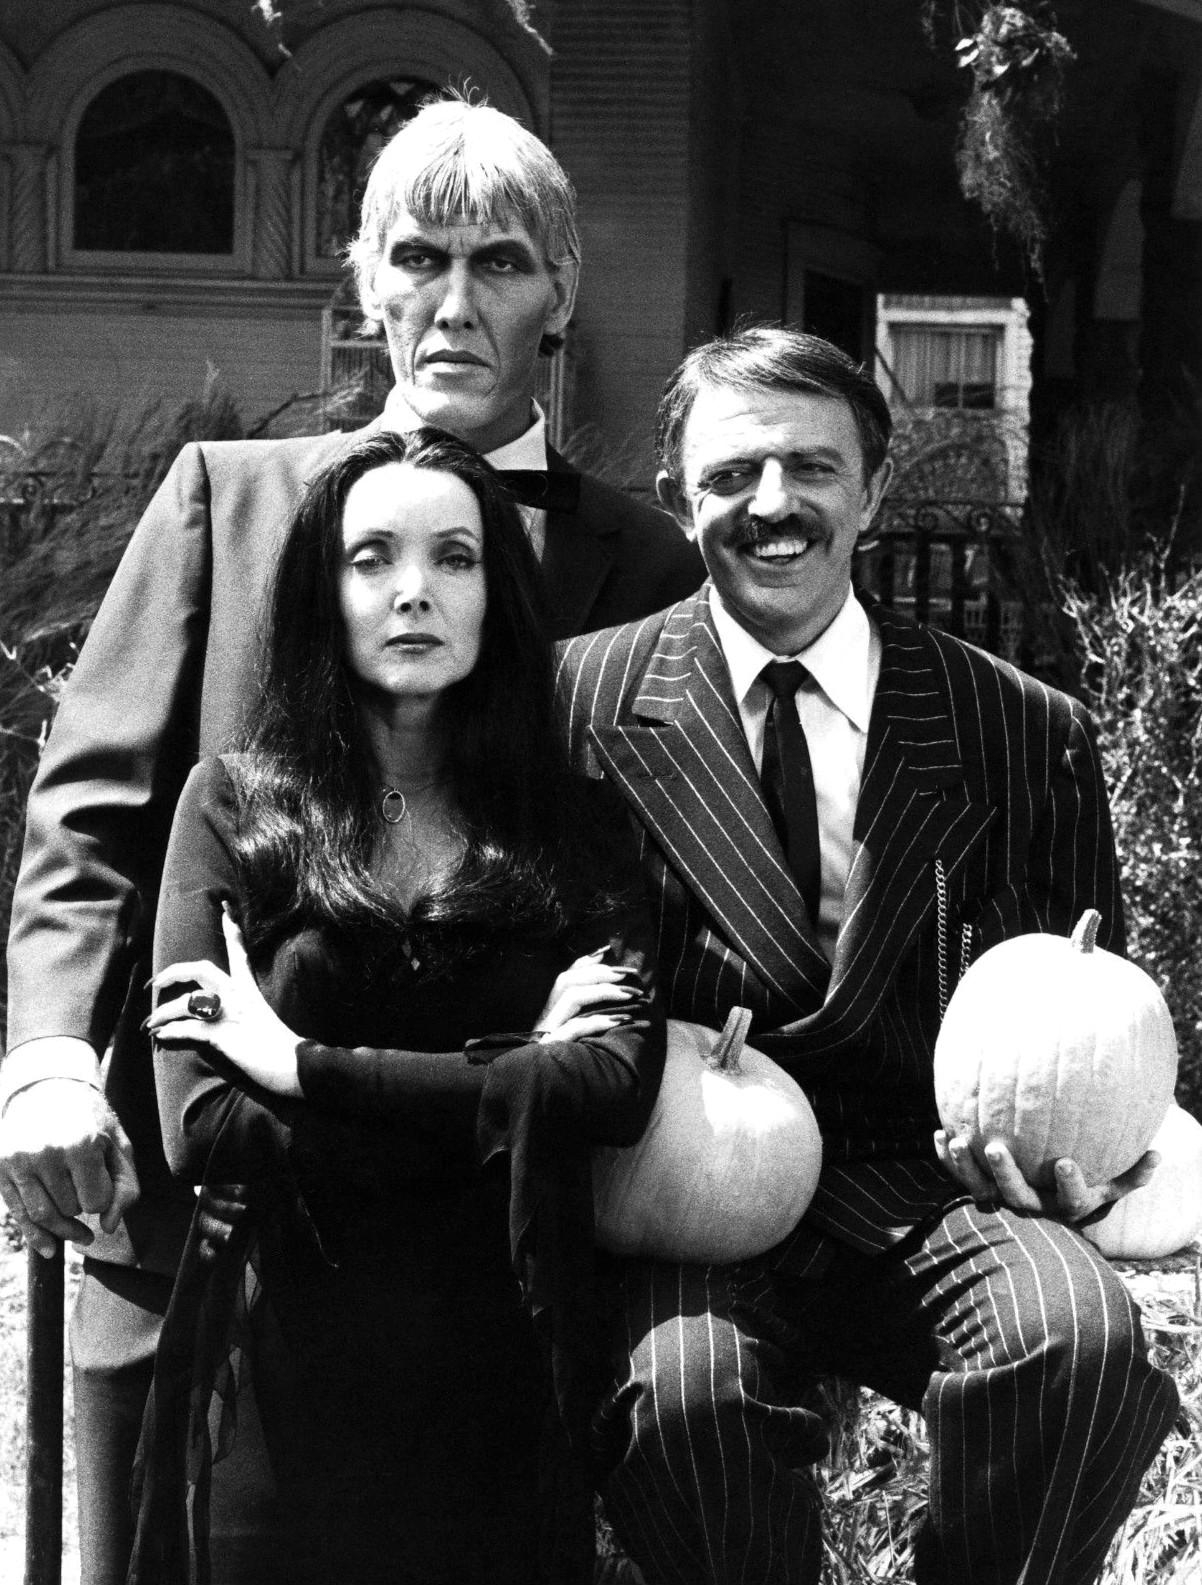 La Famille Addams Les Retrouvailles : famille, addams, retrouvailles, Famille, Addams, C'est, Fête, Wikipédia